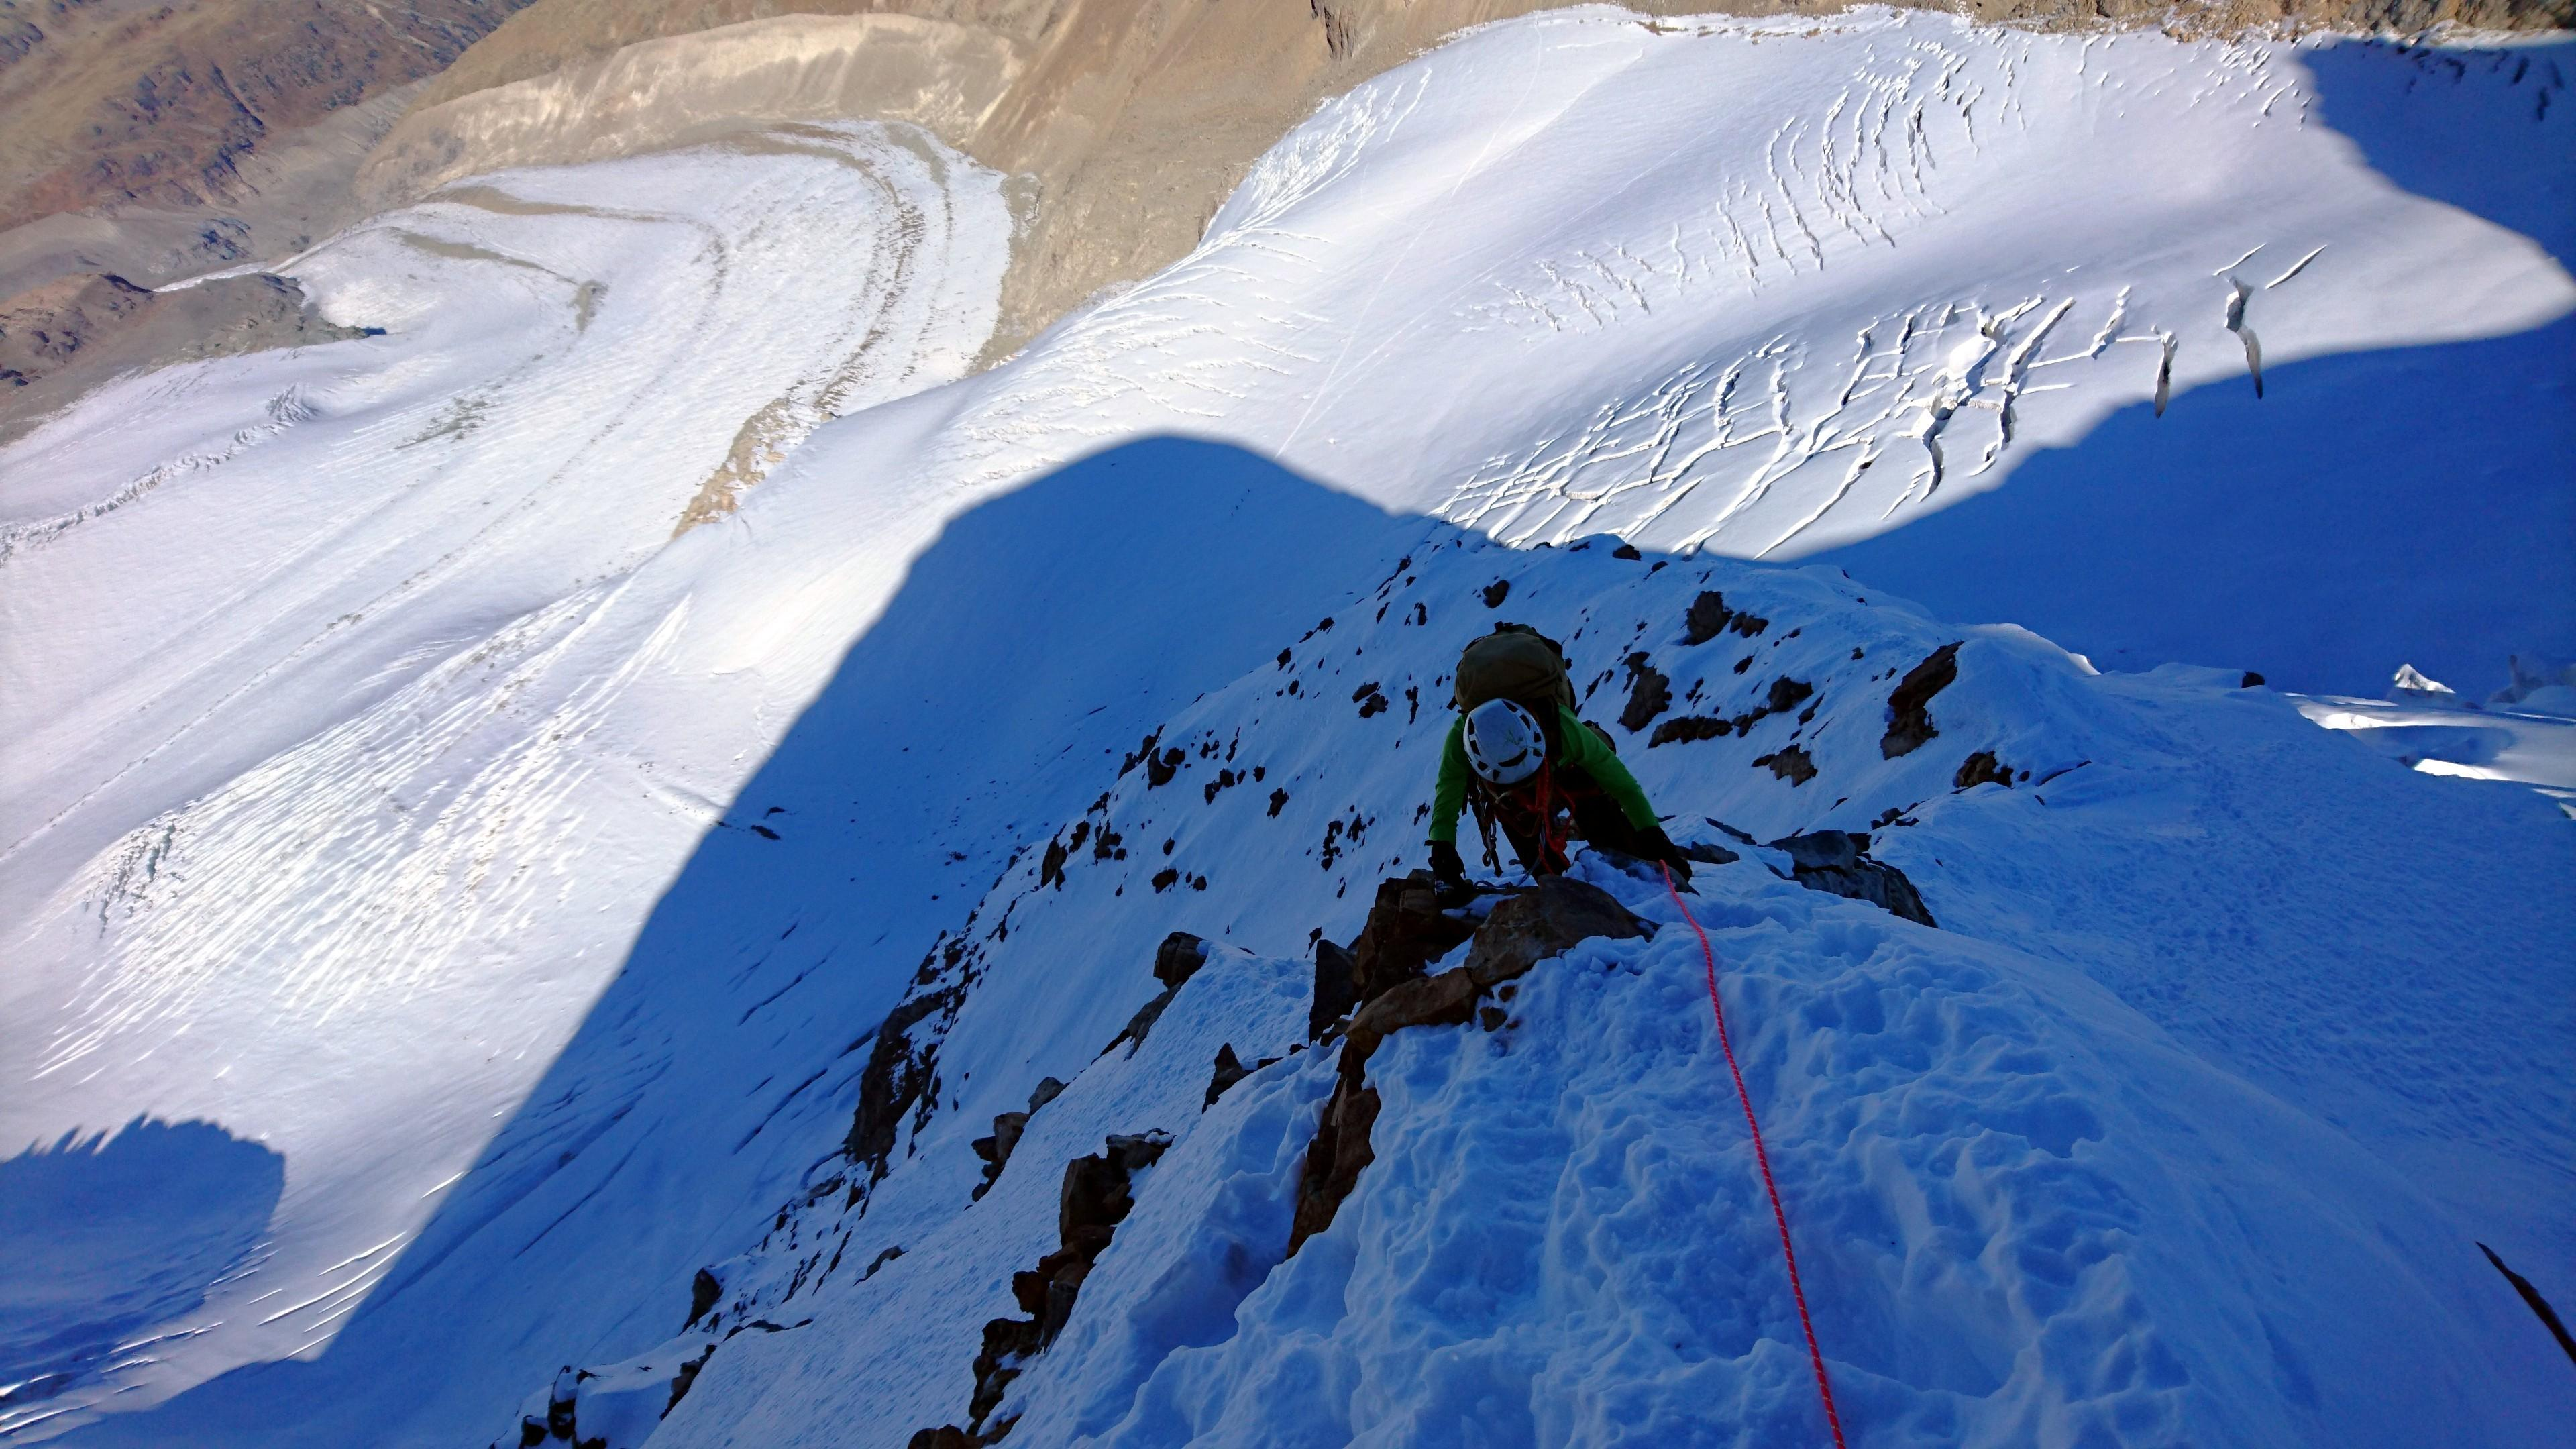 Erica tra neve e roccette lungo la cresta del Naso